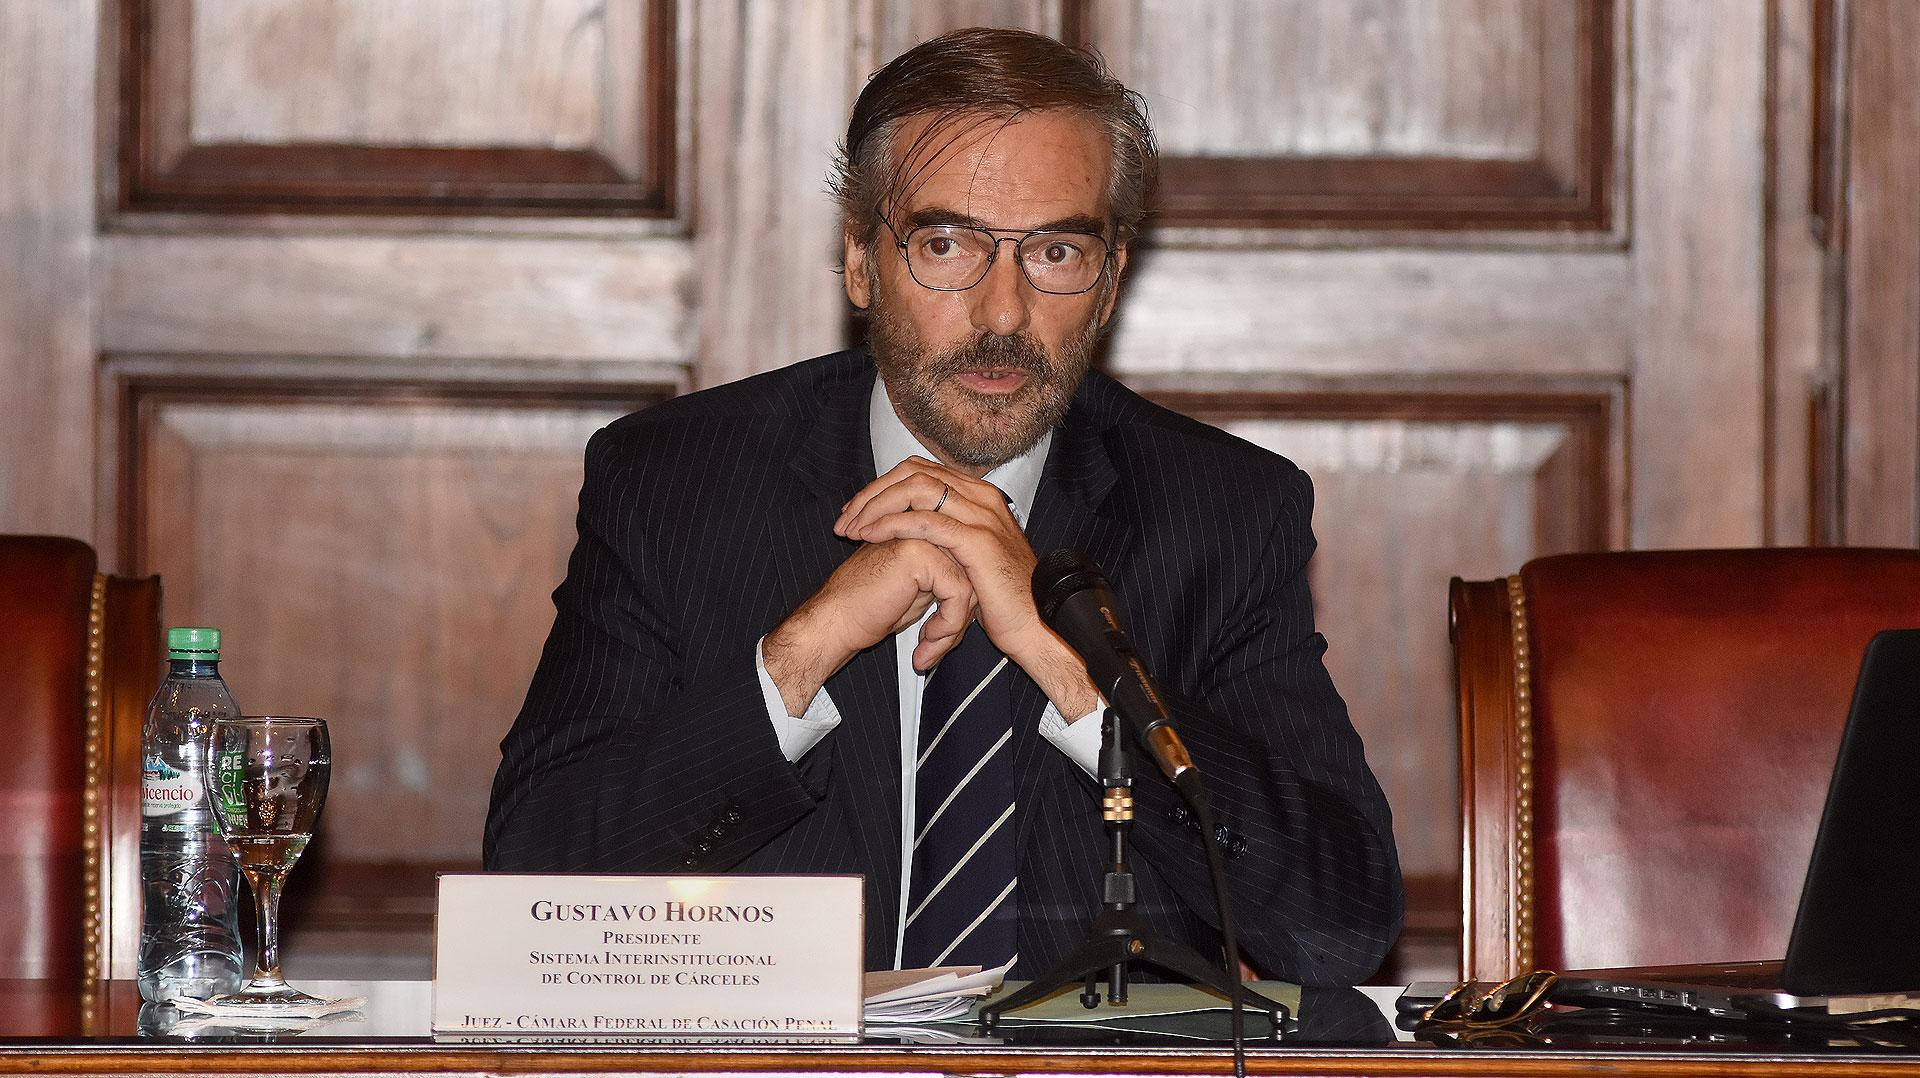 El juez Gustavo Hornos reafirmó la constitucionalidad del régimen penal  aduanero - Infobae